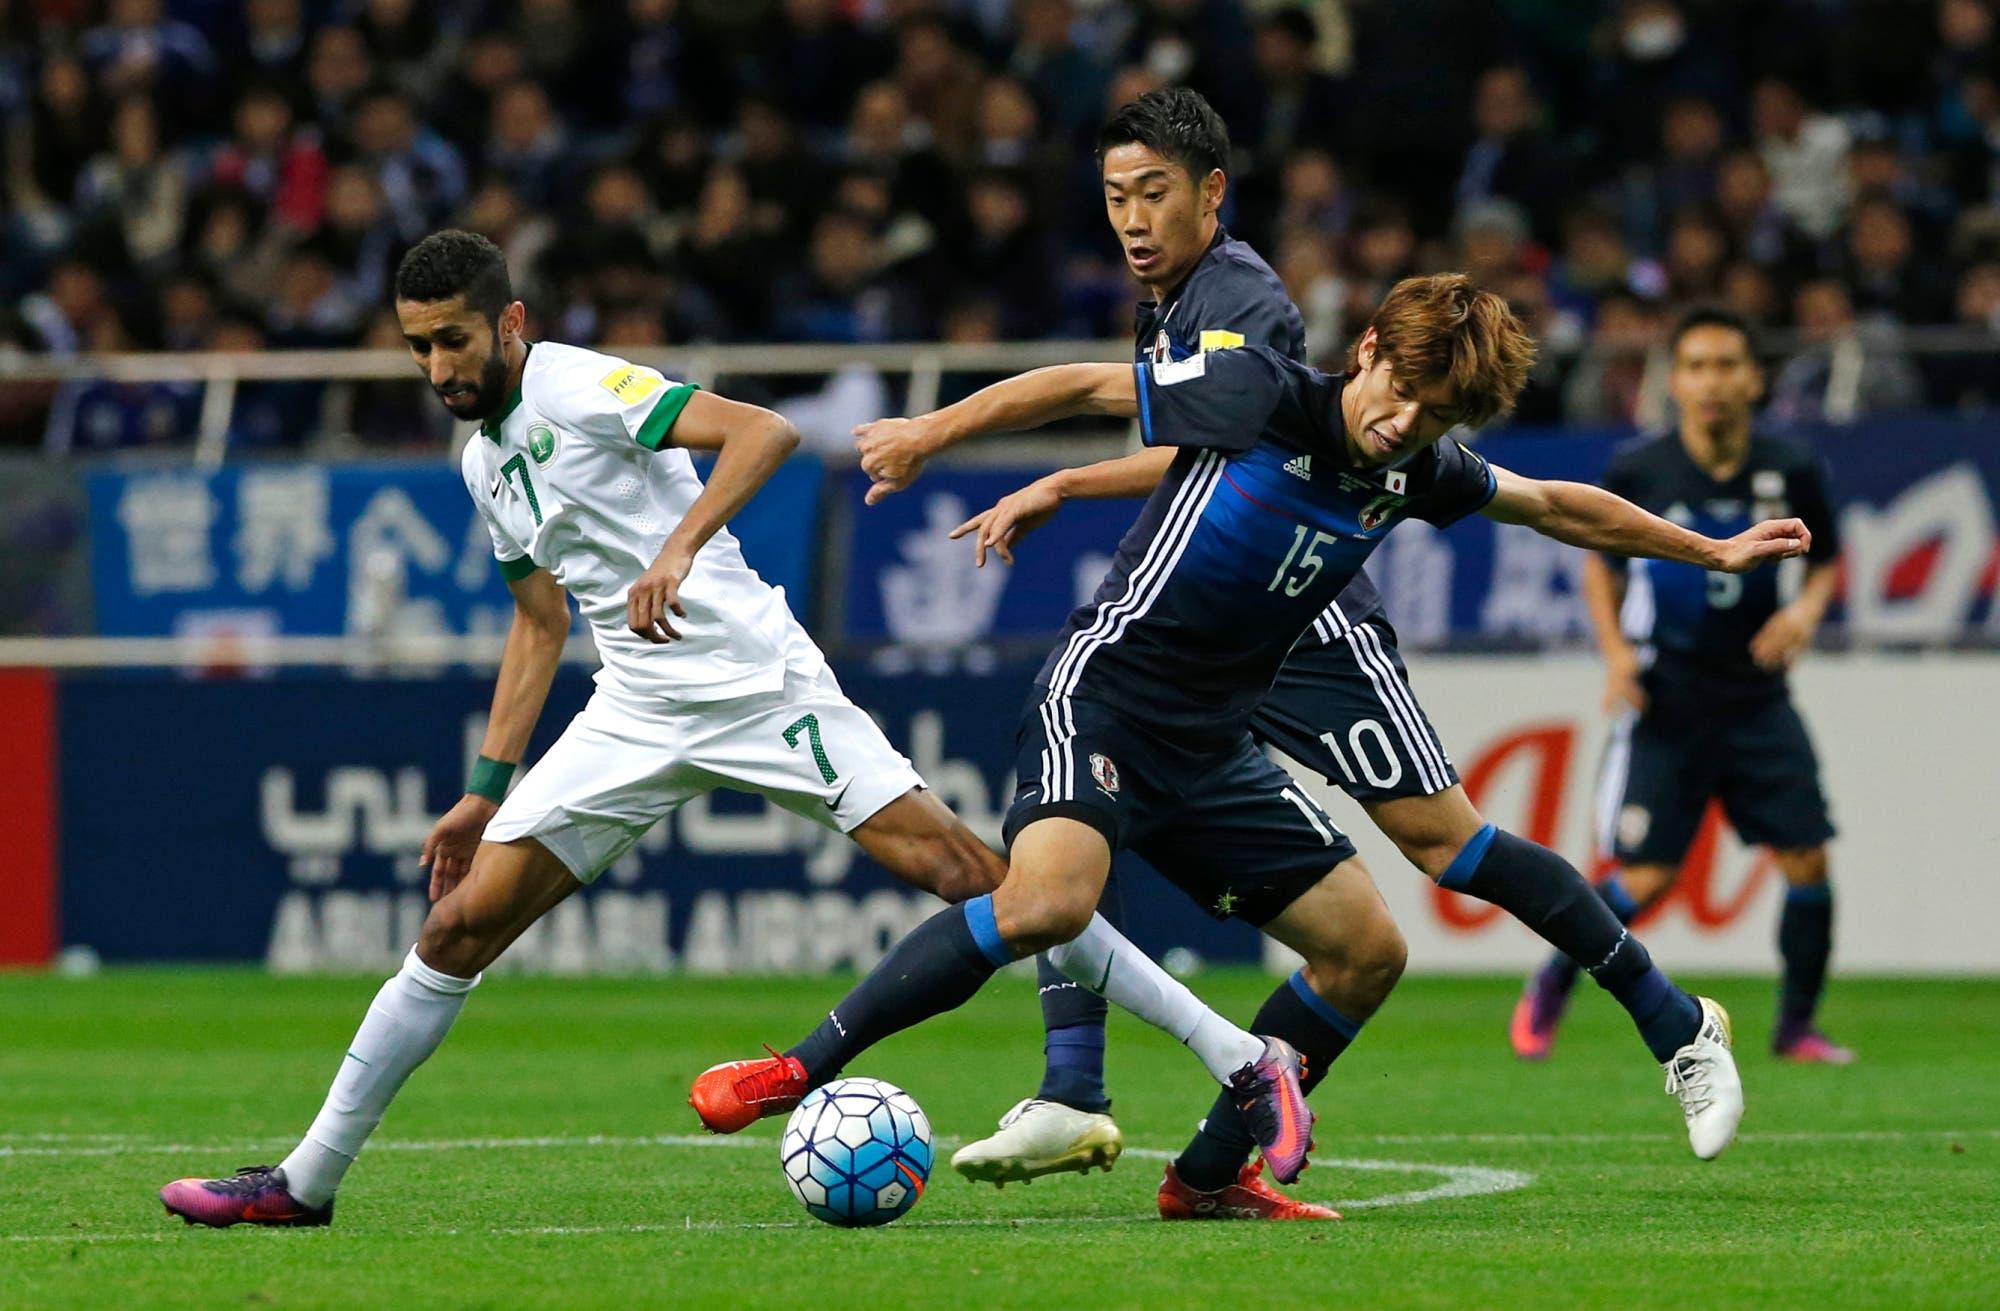 سلمان الفرج في مباراة سابقة بين السعودية واليابان